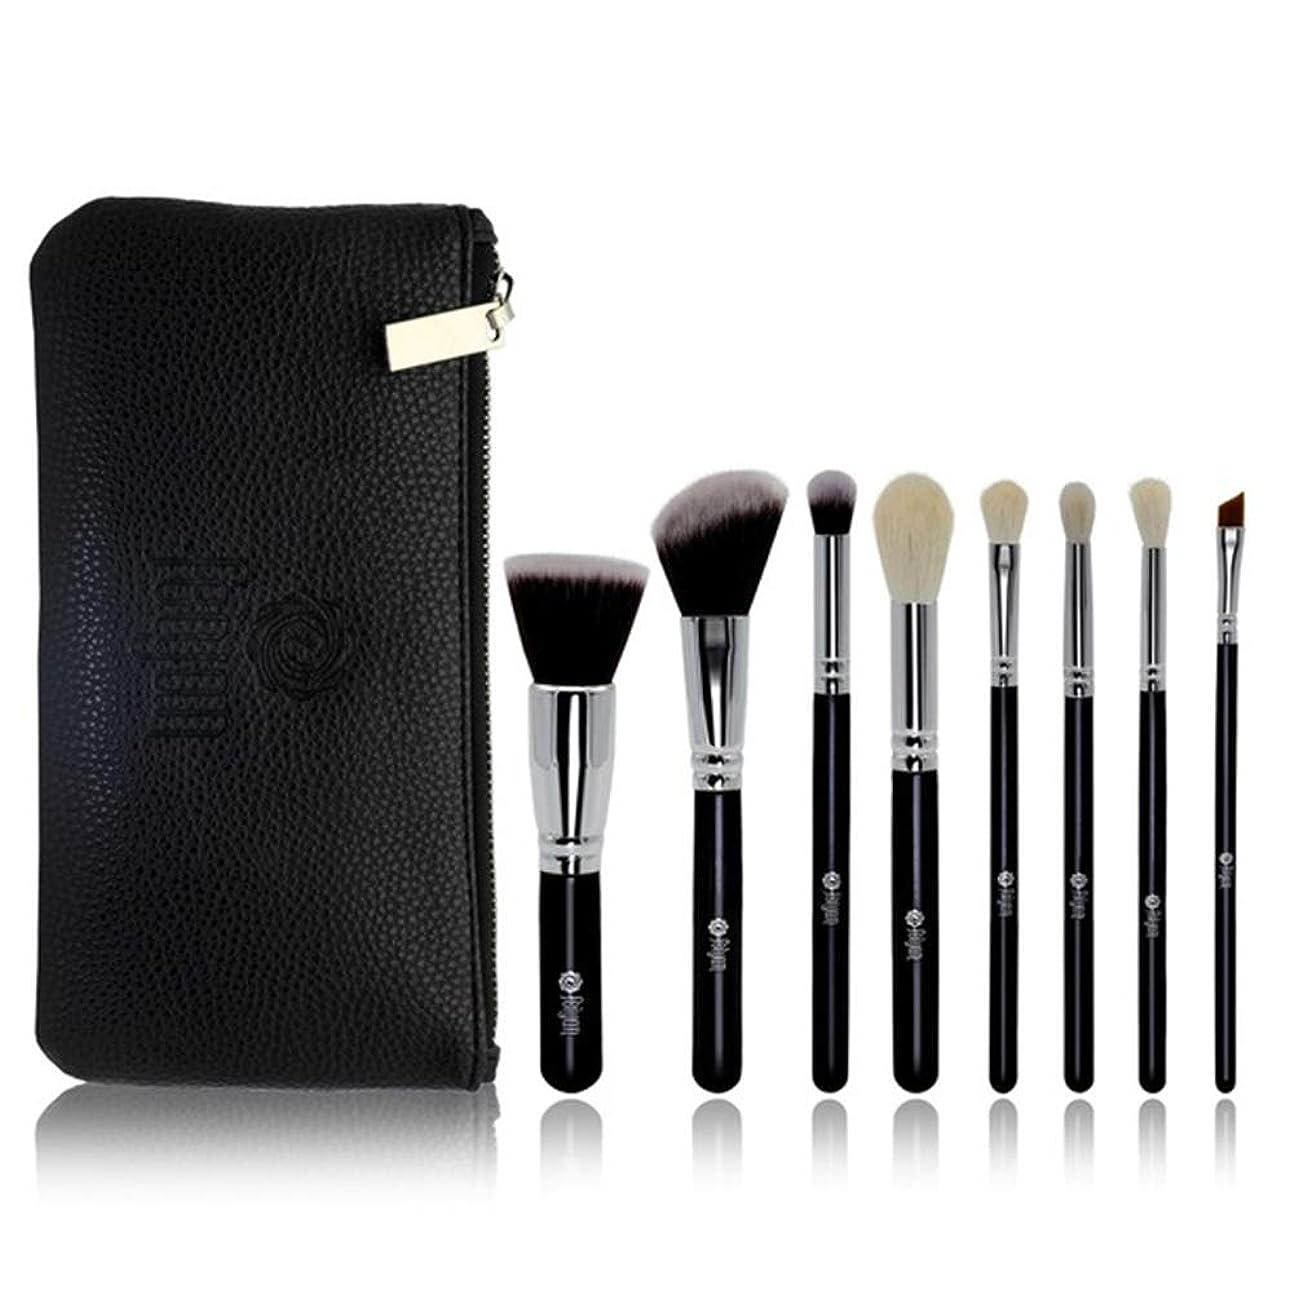 ポータブルメイクブラシセット8個の化粧品の美しさのツールの旅行黒い漆の木製ハンドルPUジッパーバッグブラック